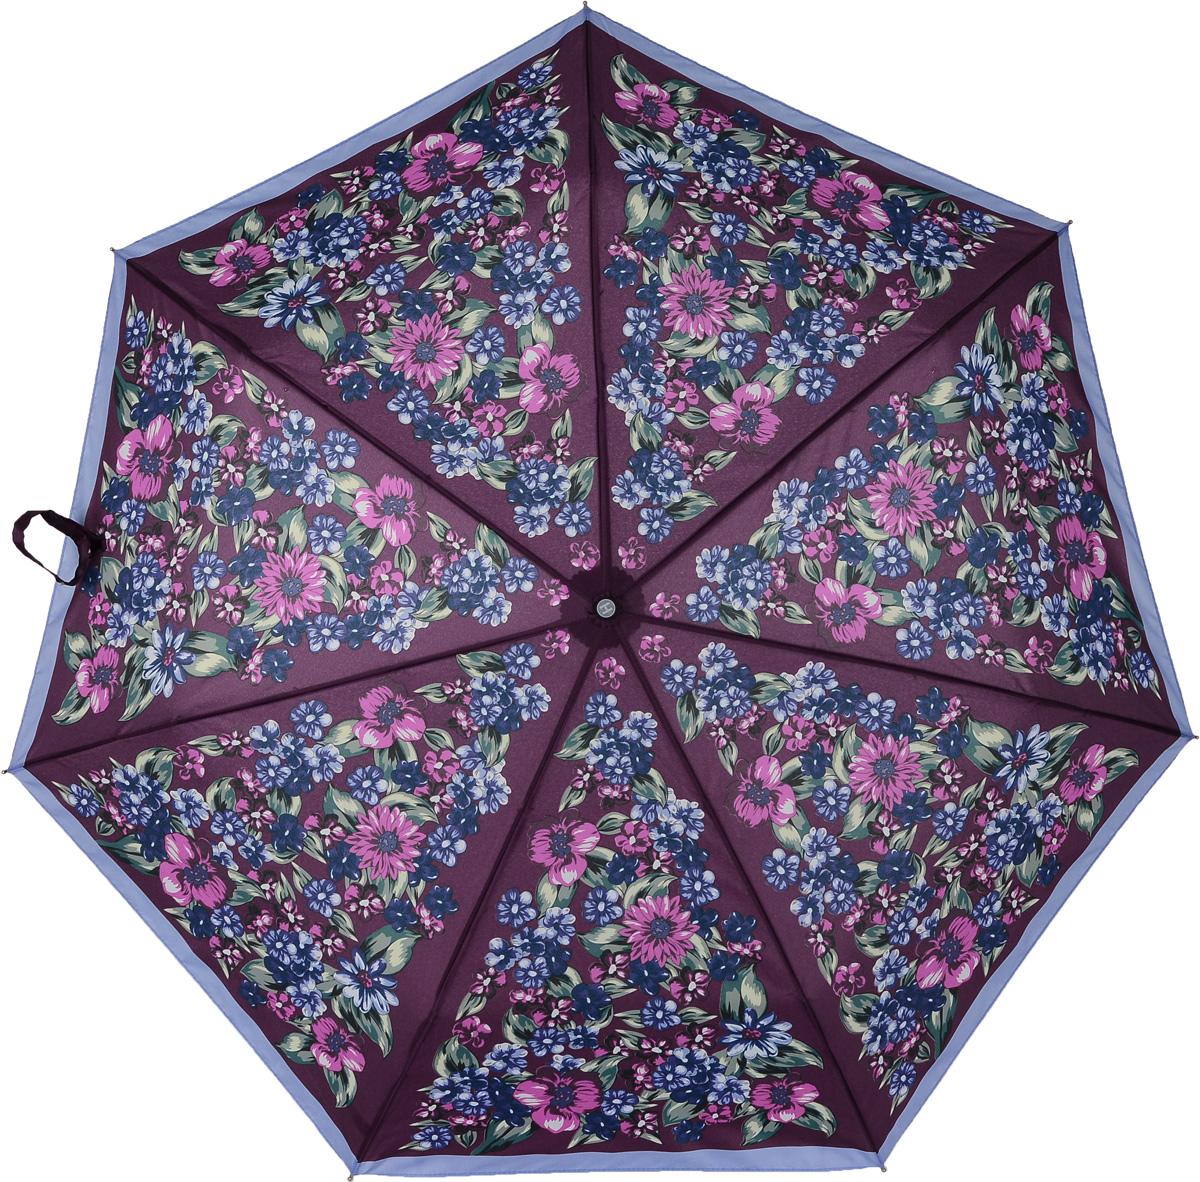 Зонт женский Henry Backer, 3 сложения, цвет: красный. U26204 Forest flowersU26204 Forest flowersЖенский зонт с цветочным принтом «Лесные цветы», автомат Ветроустойчивый каркас сделан из алюминия и фибергласса, стержень – из стали.